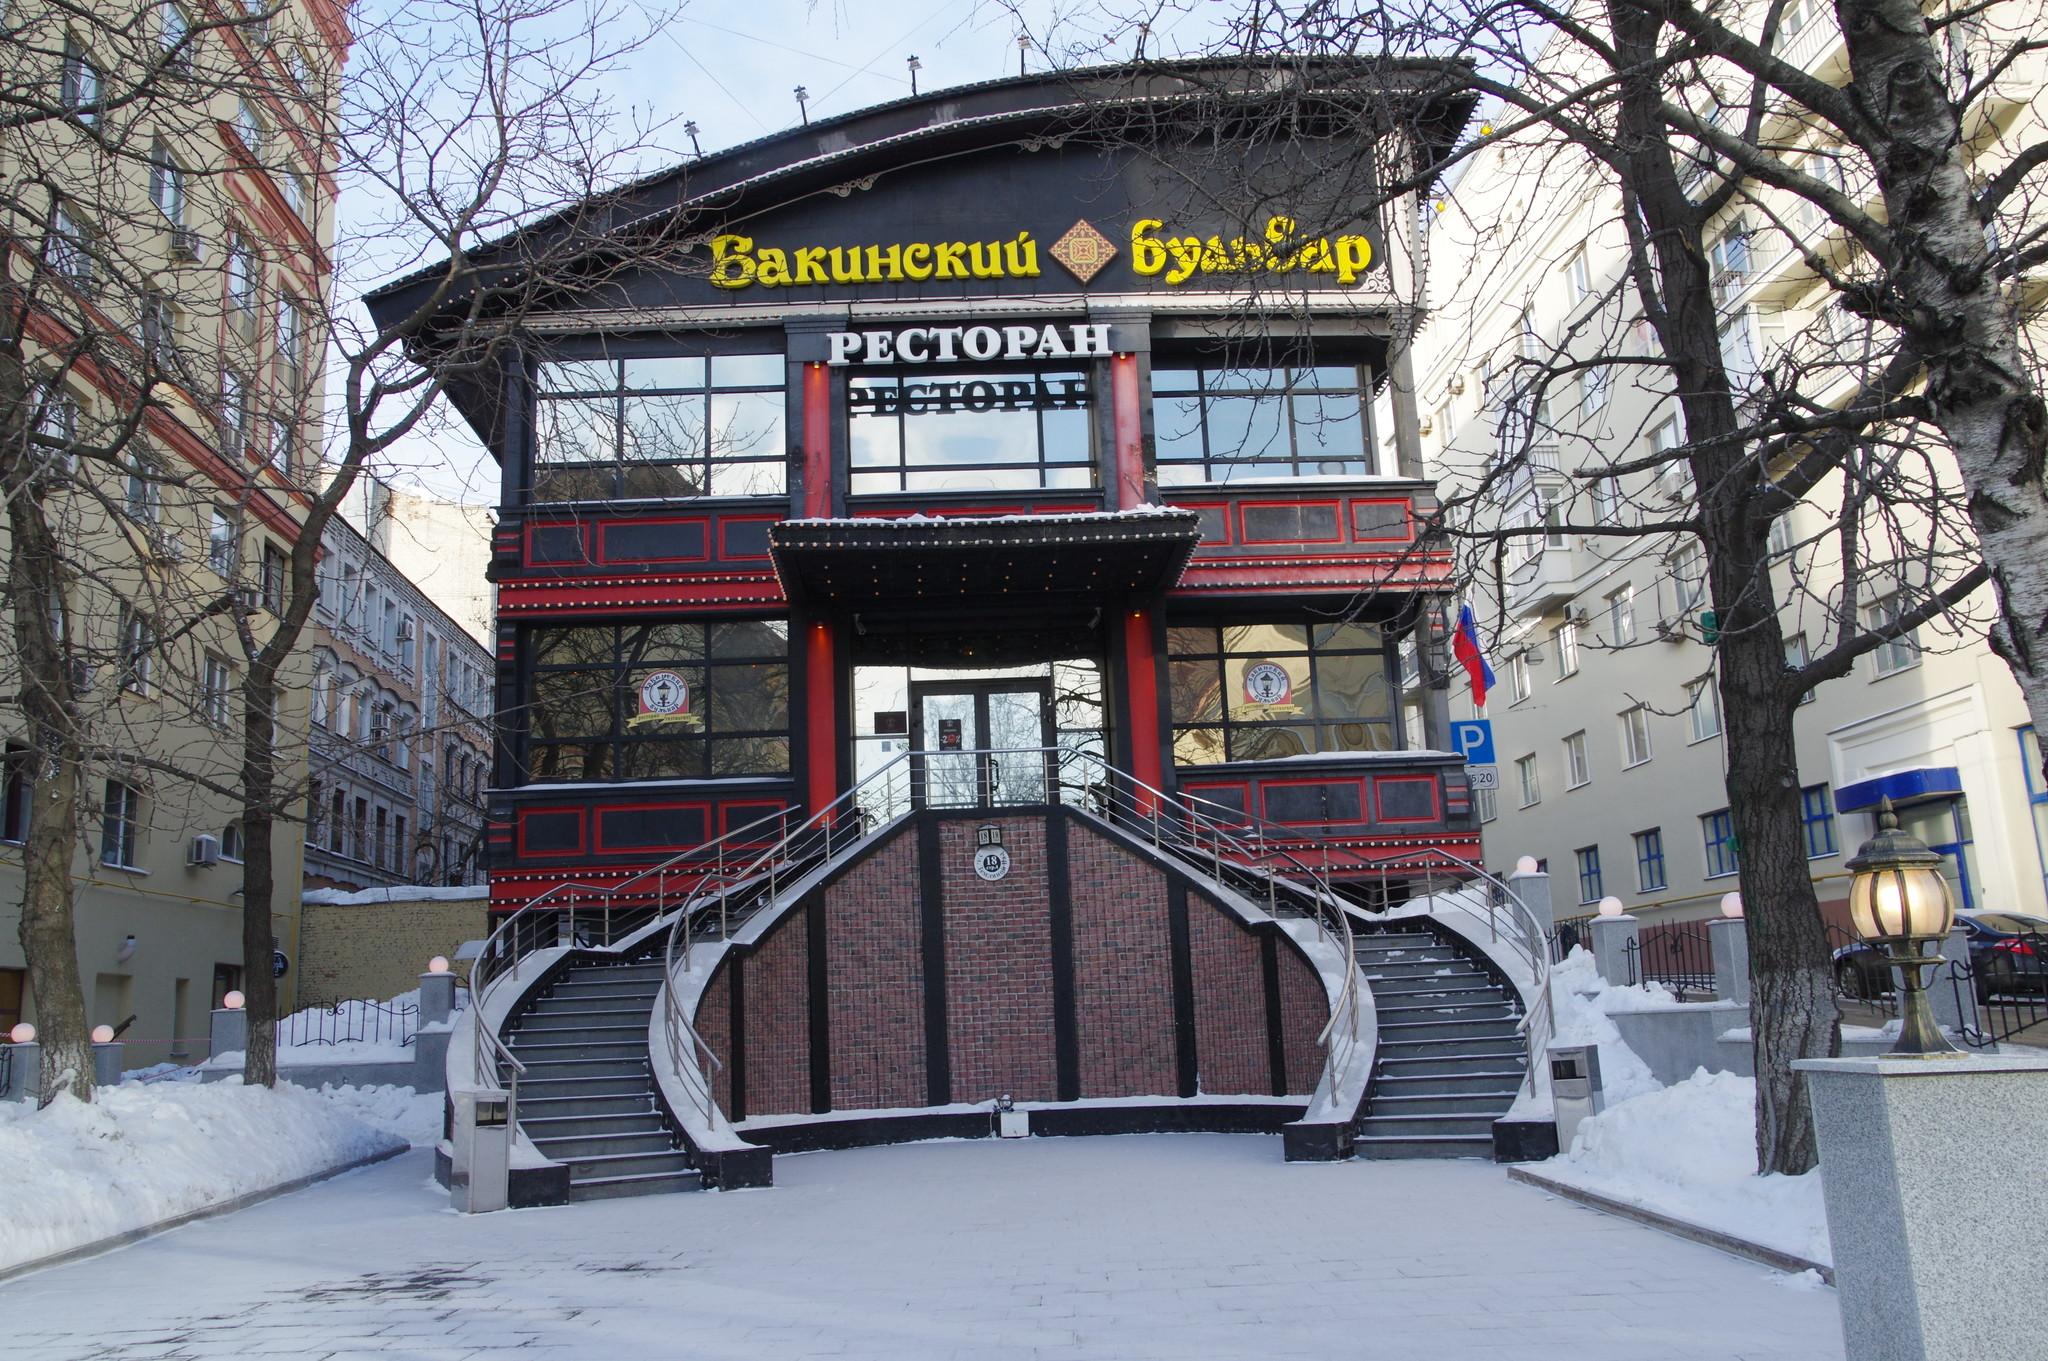 Ресторан «Бакинский Бульвар» (улица Земляной Вал, дом 18 строение 4)